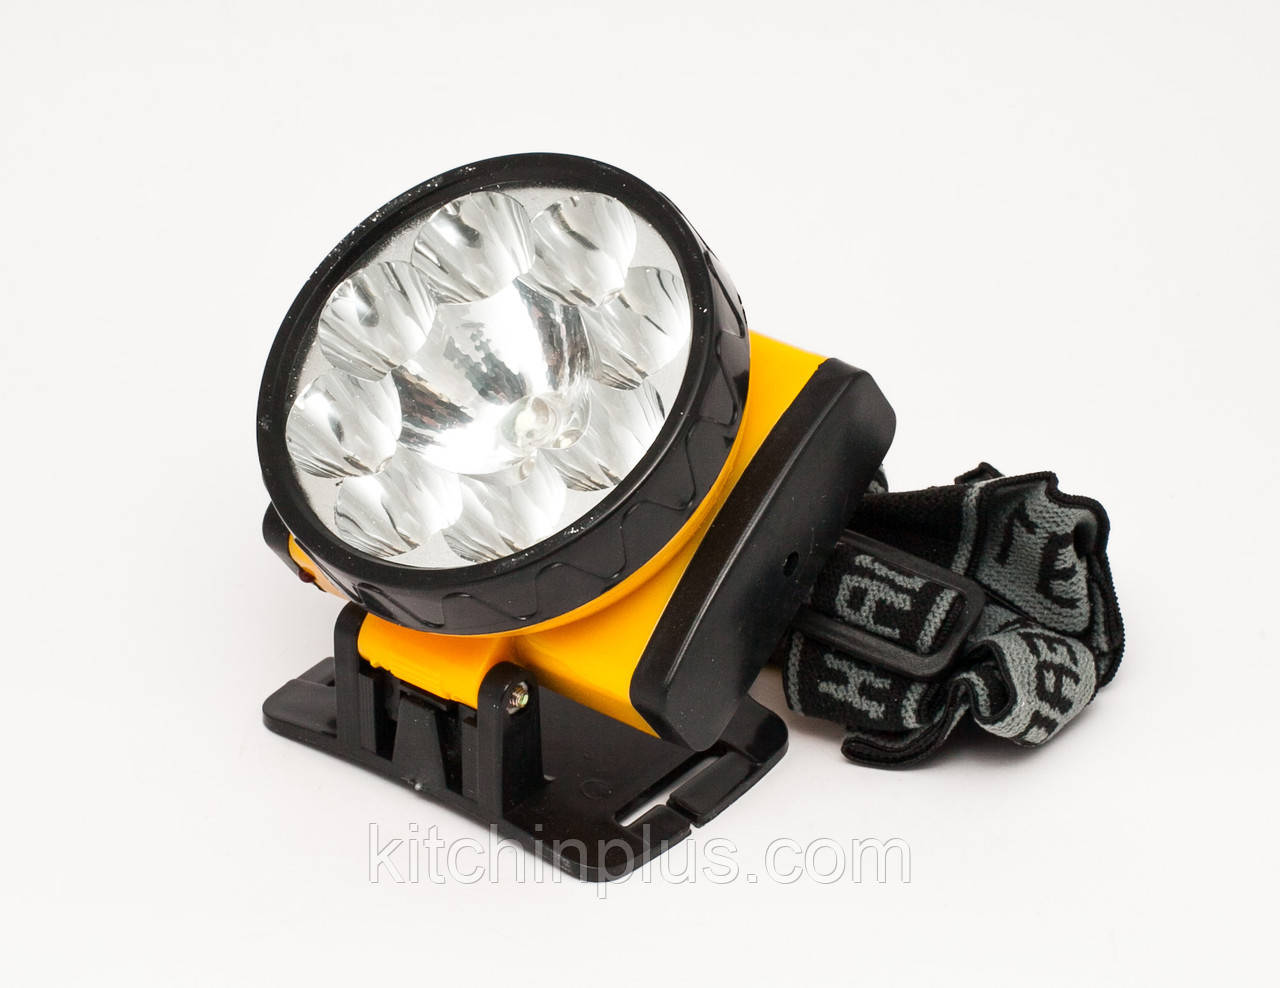 Налобный фонарь JY- 8320